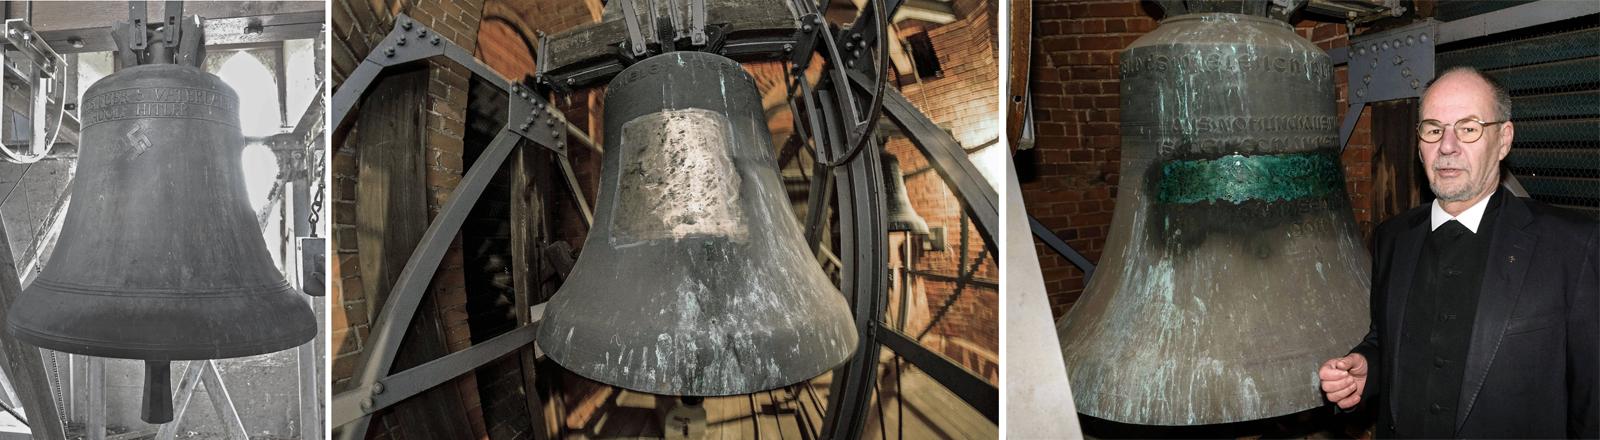 Glocke mit Hakenkreuz in Herxheim am Berg und Glocke ohne in Schweringen